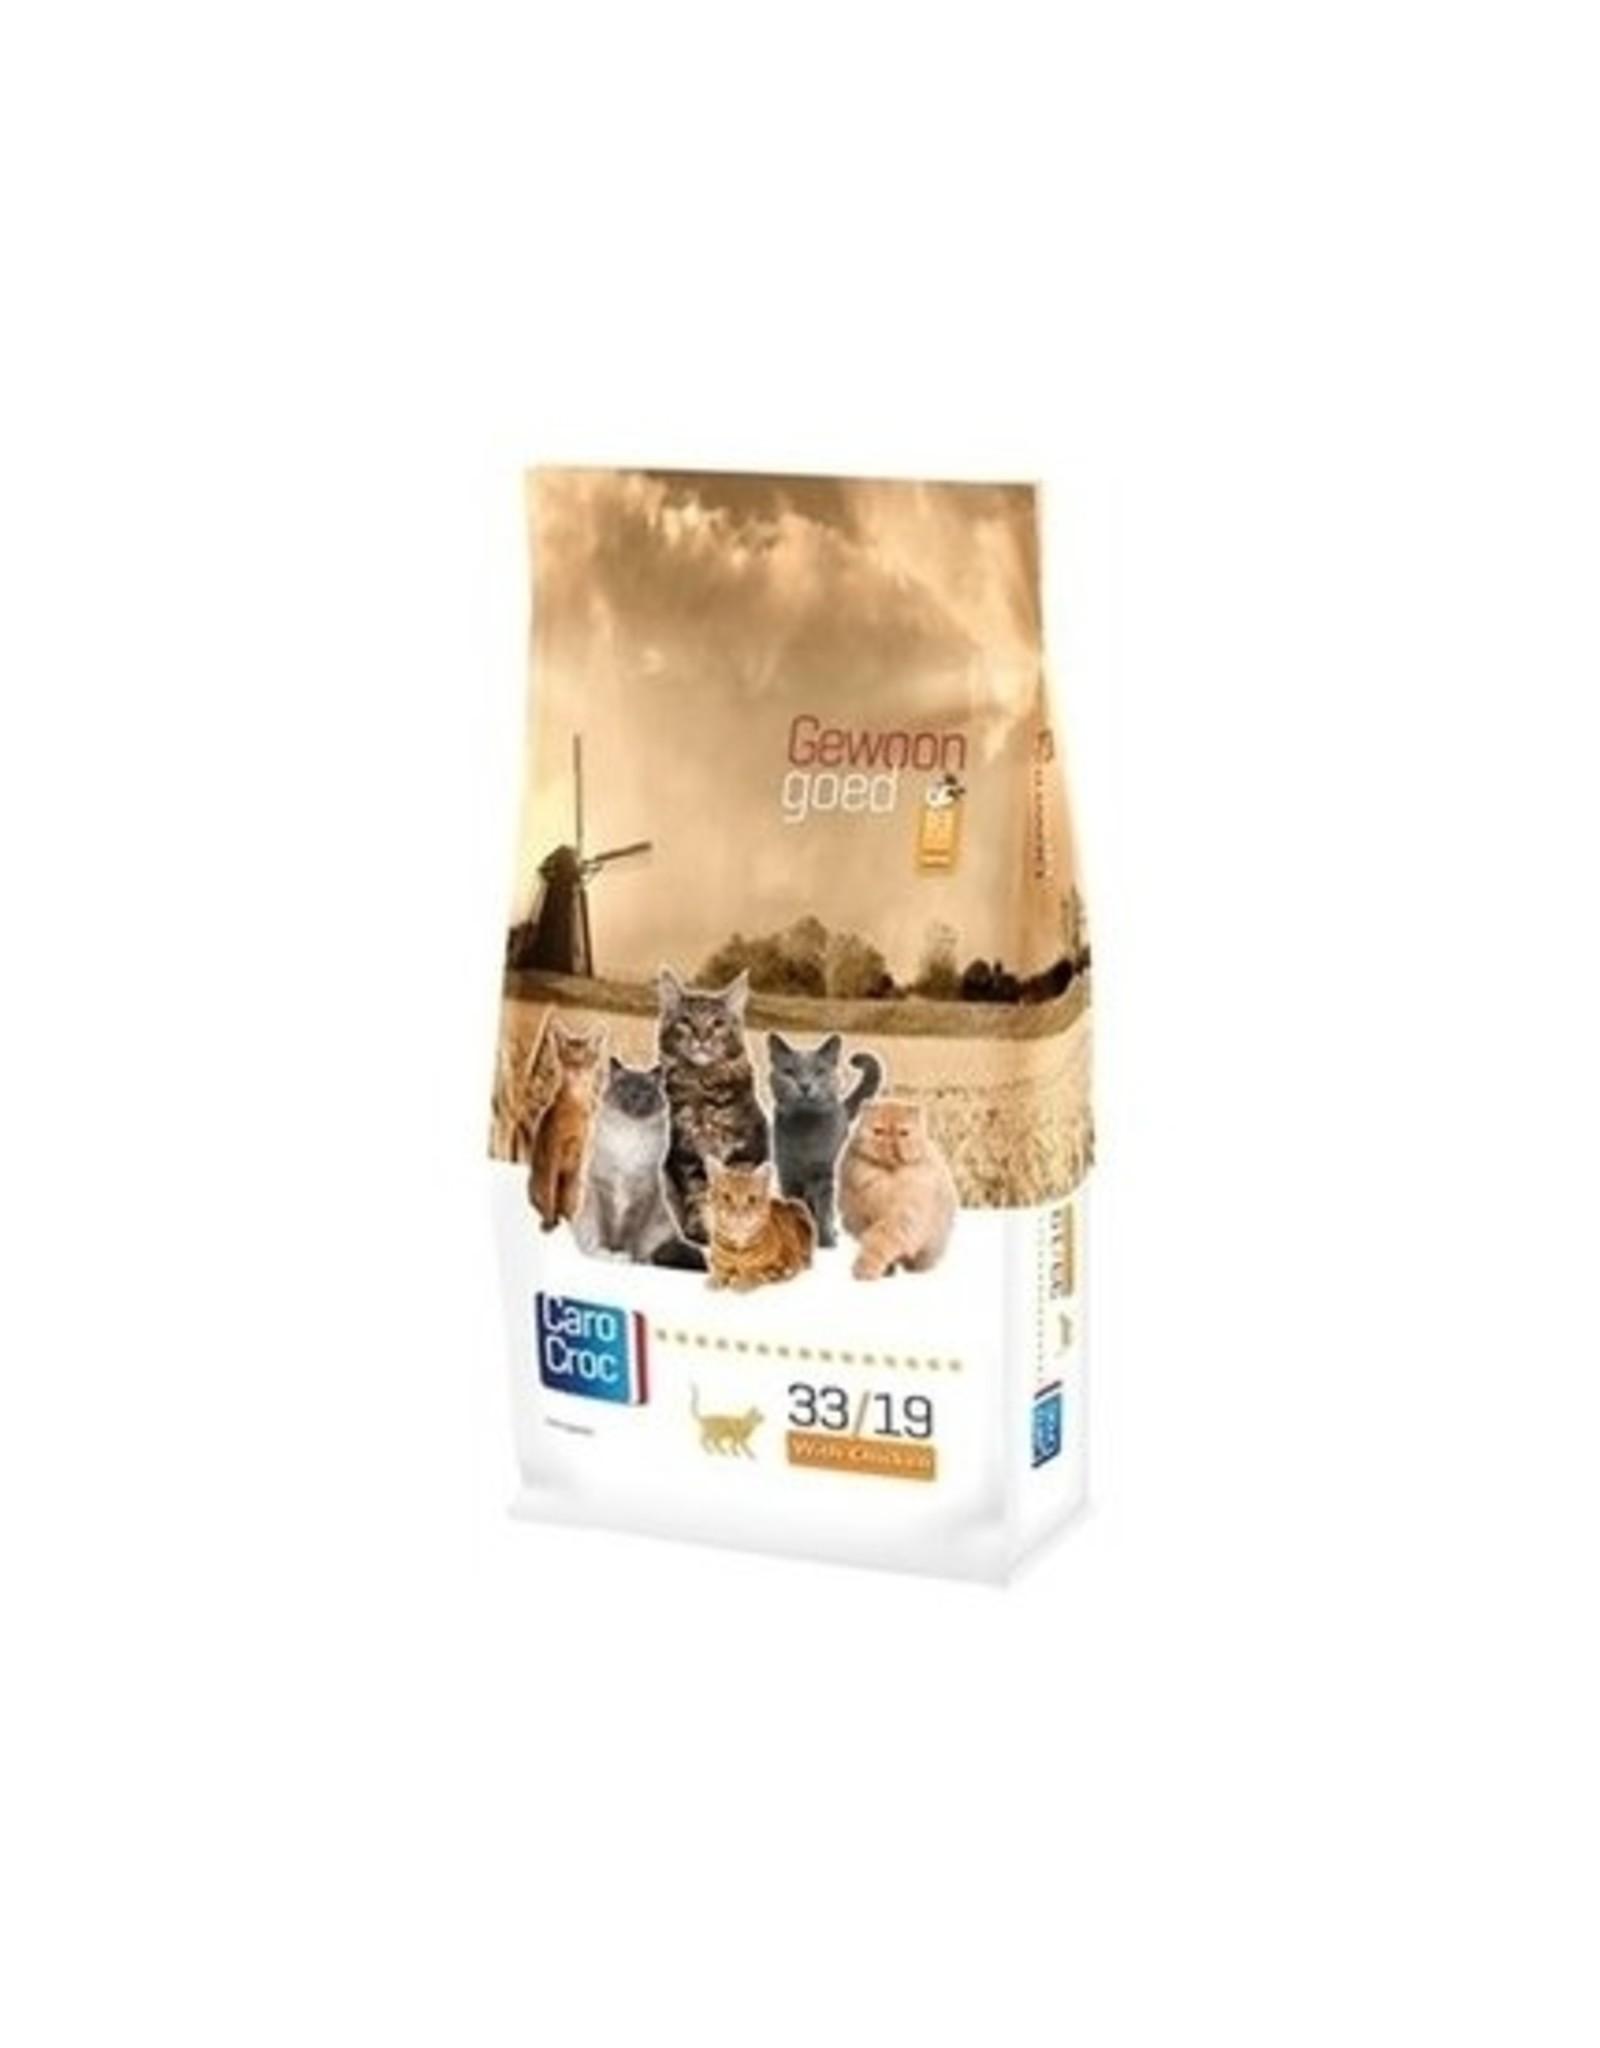 Sanimed Sanimed Carocroc Feline 33/19 Chk Riz 6x400gr